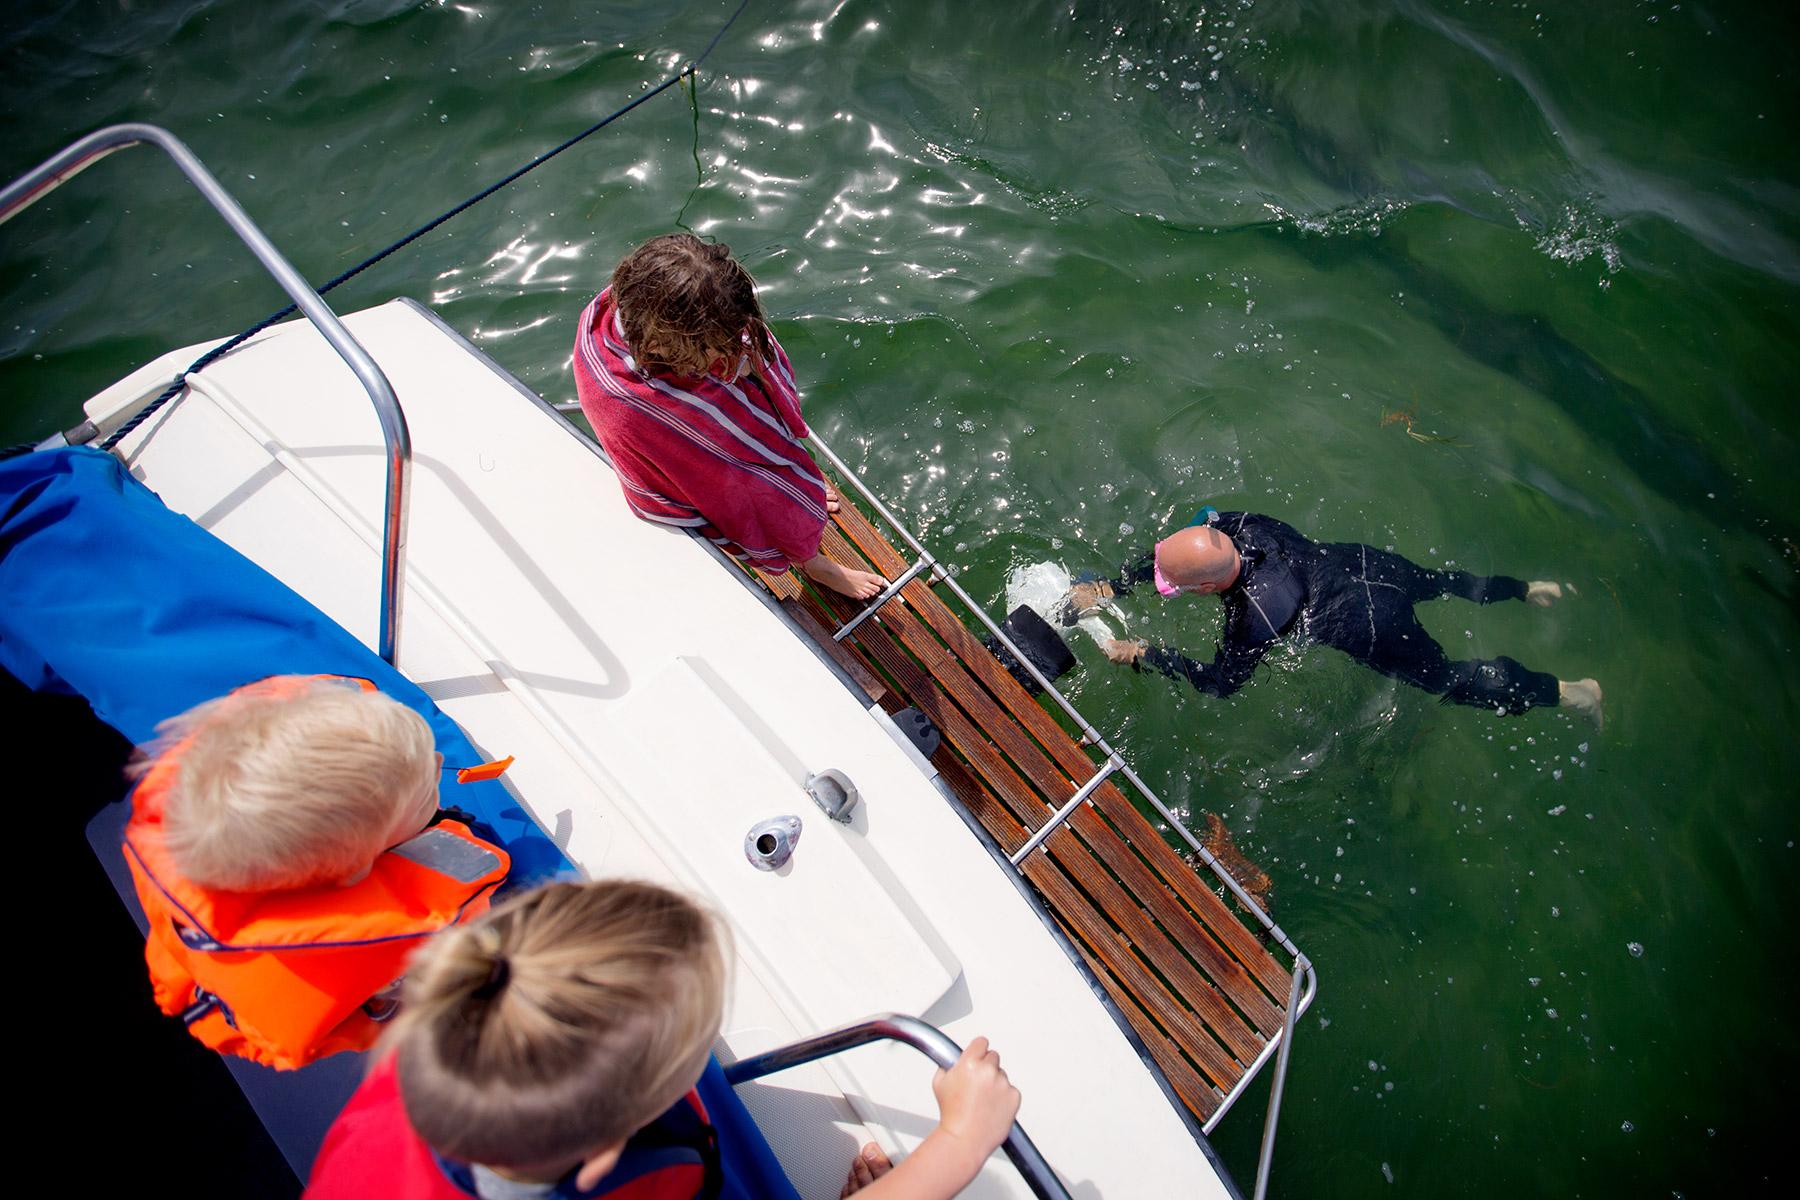 blogg-170706battvattifjorden7.jpg